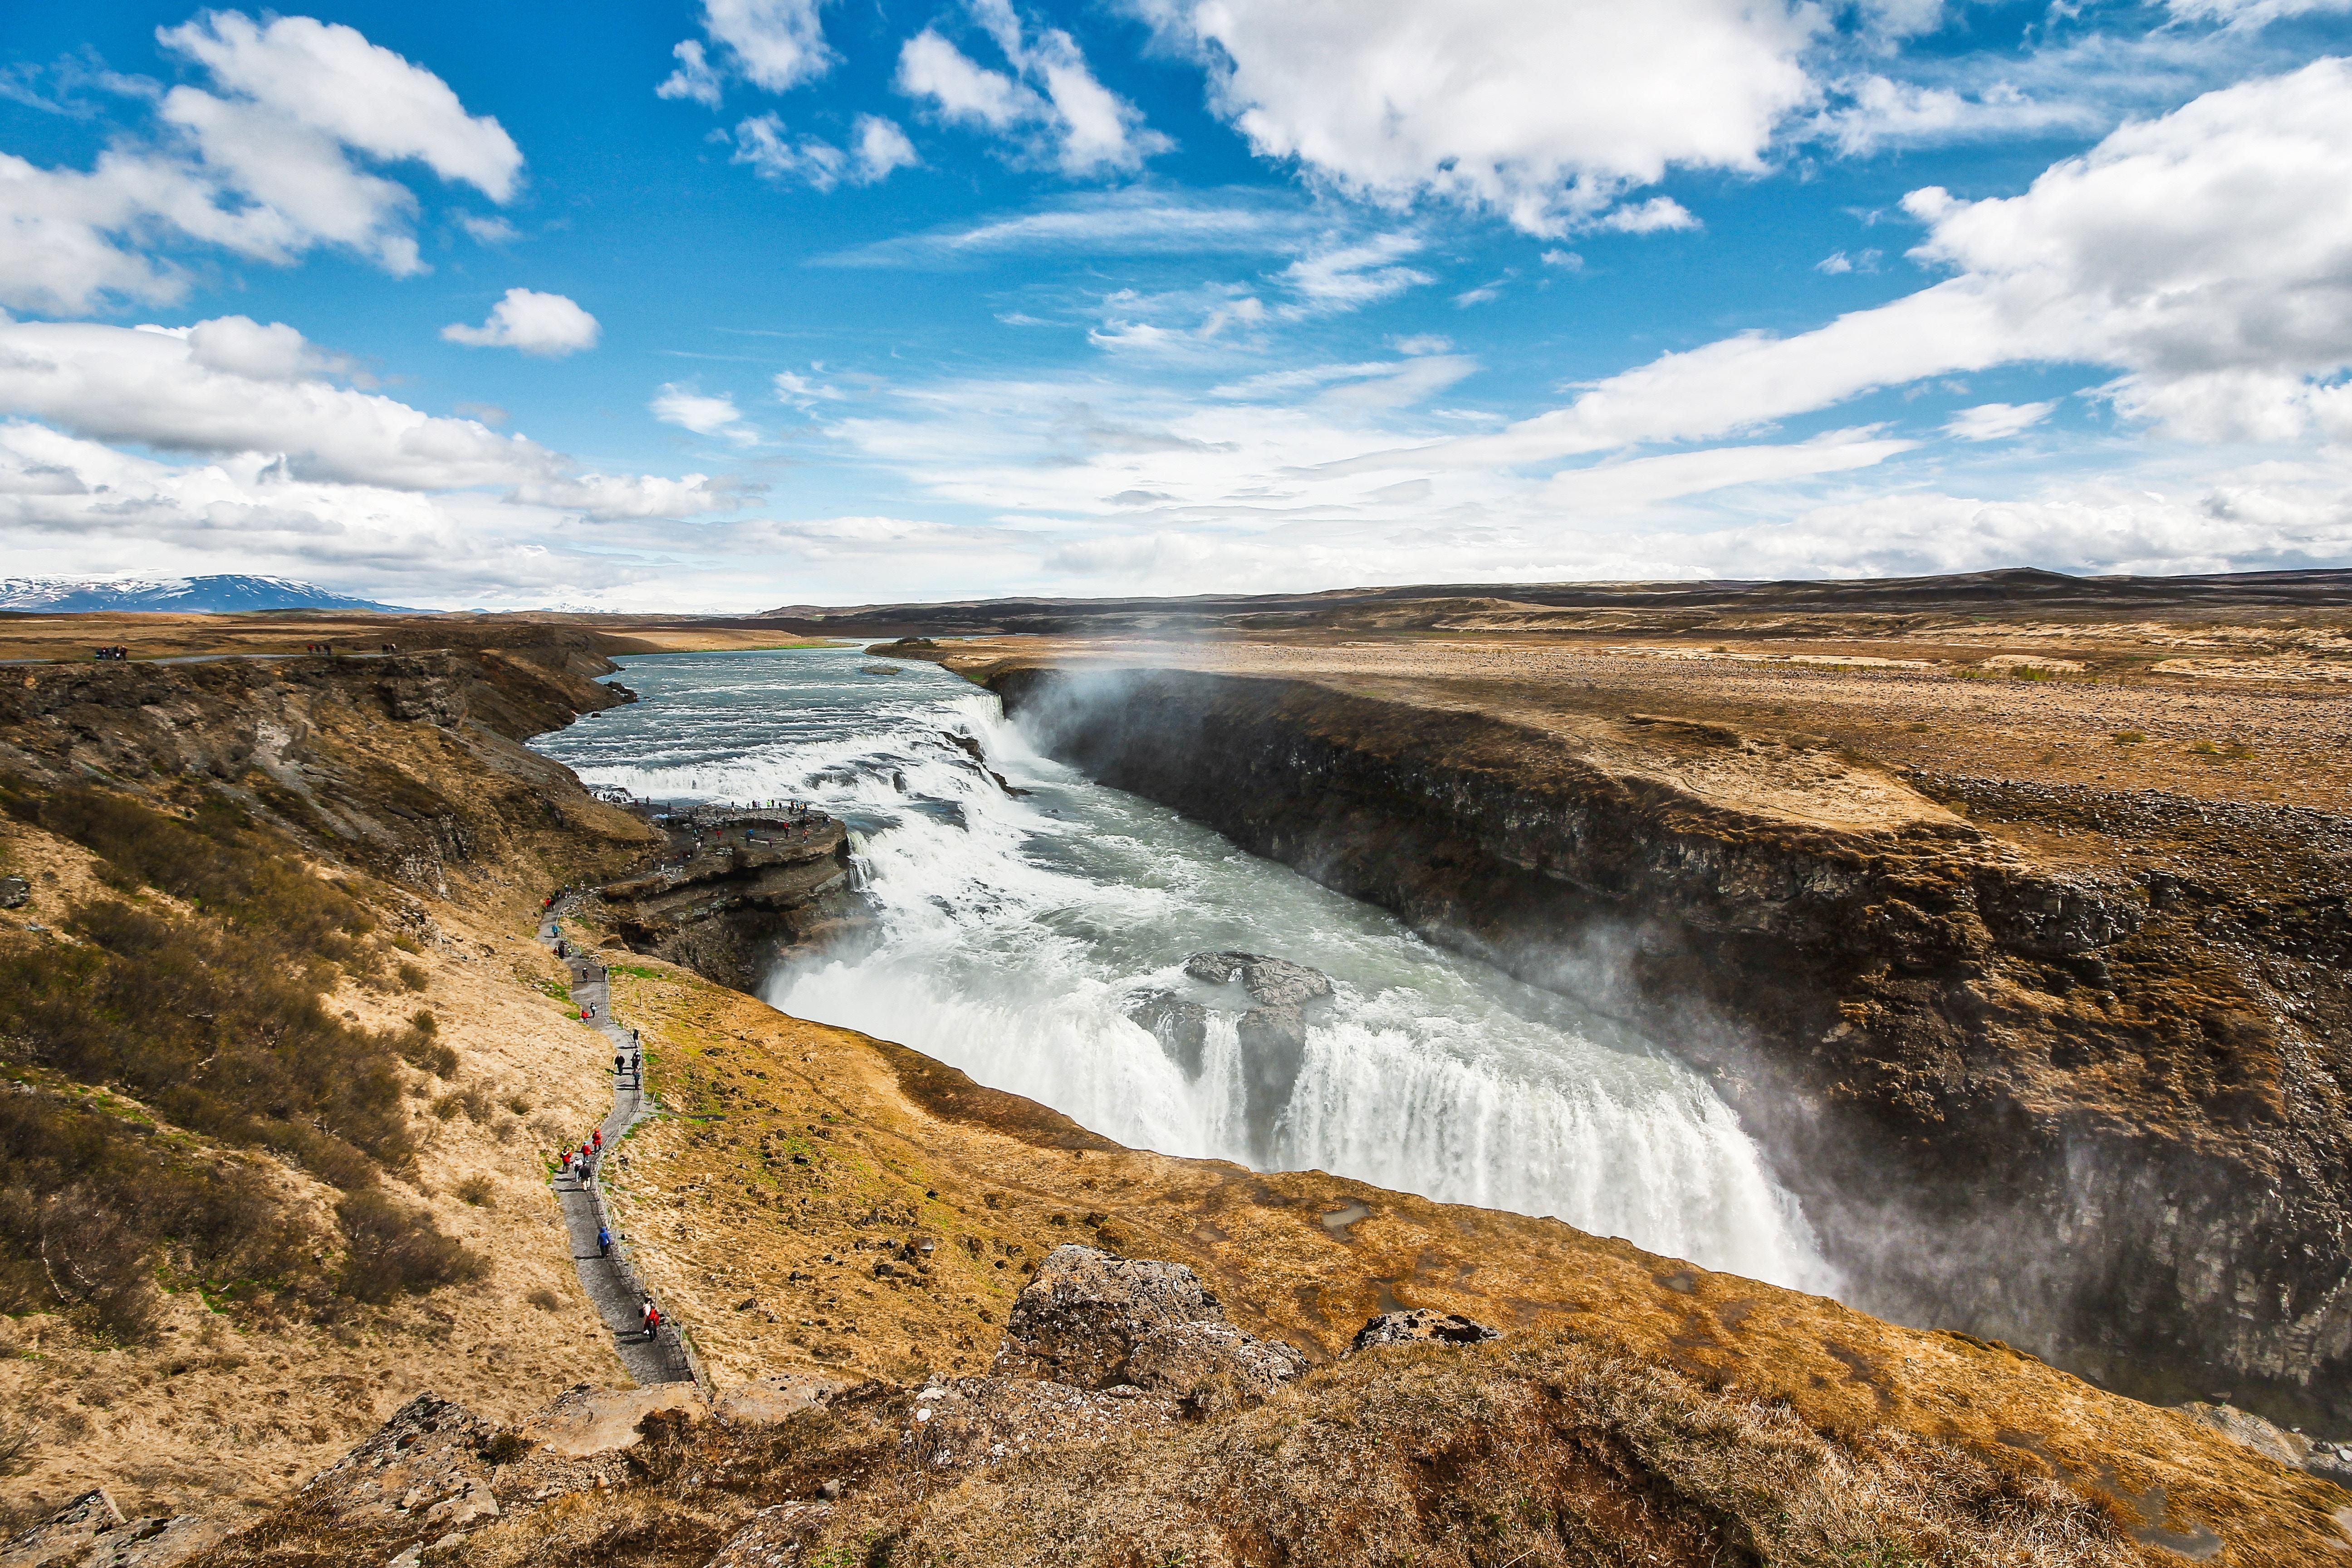 冰岛经典冰火之旅6日游 中文向导 含杰古沙龙冰河湖 - day 2